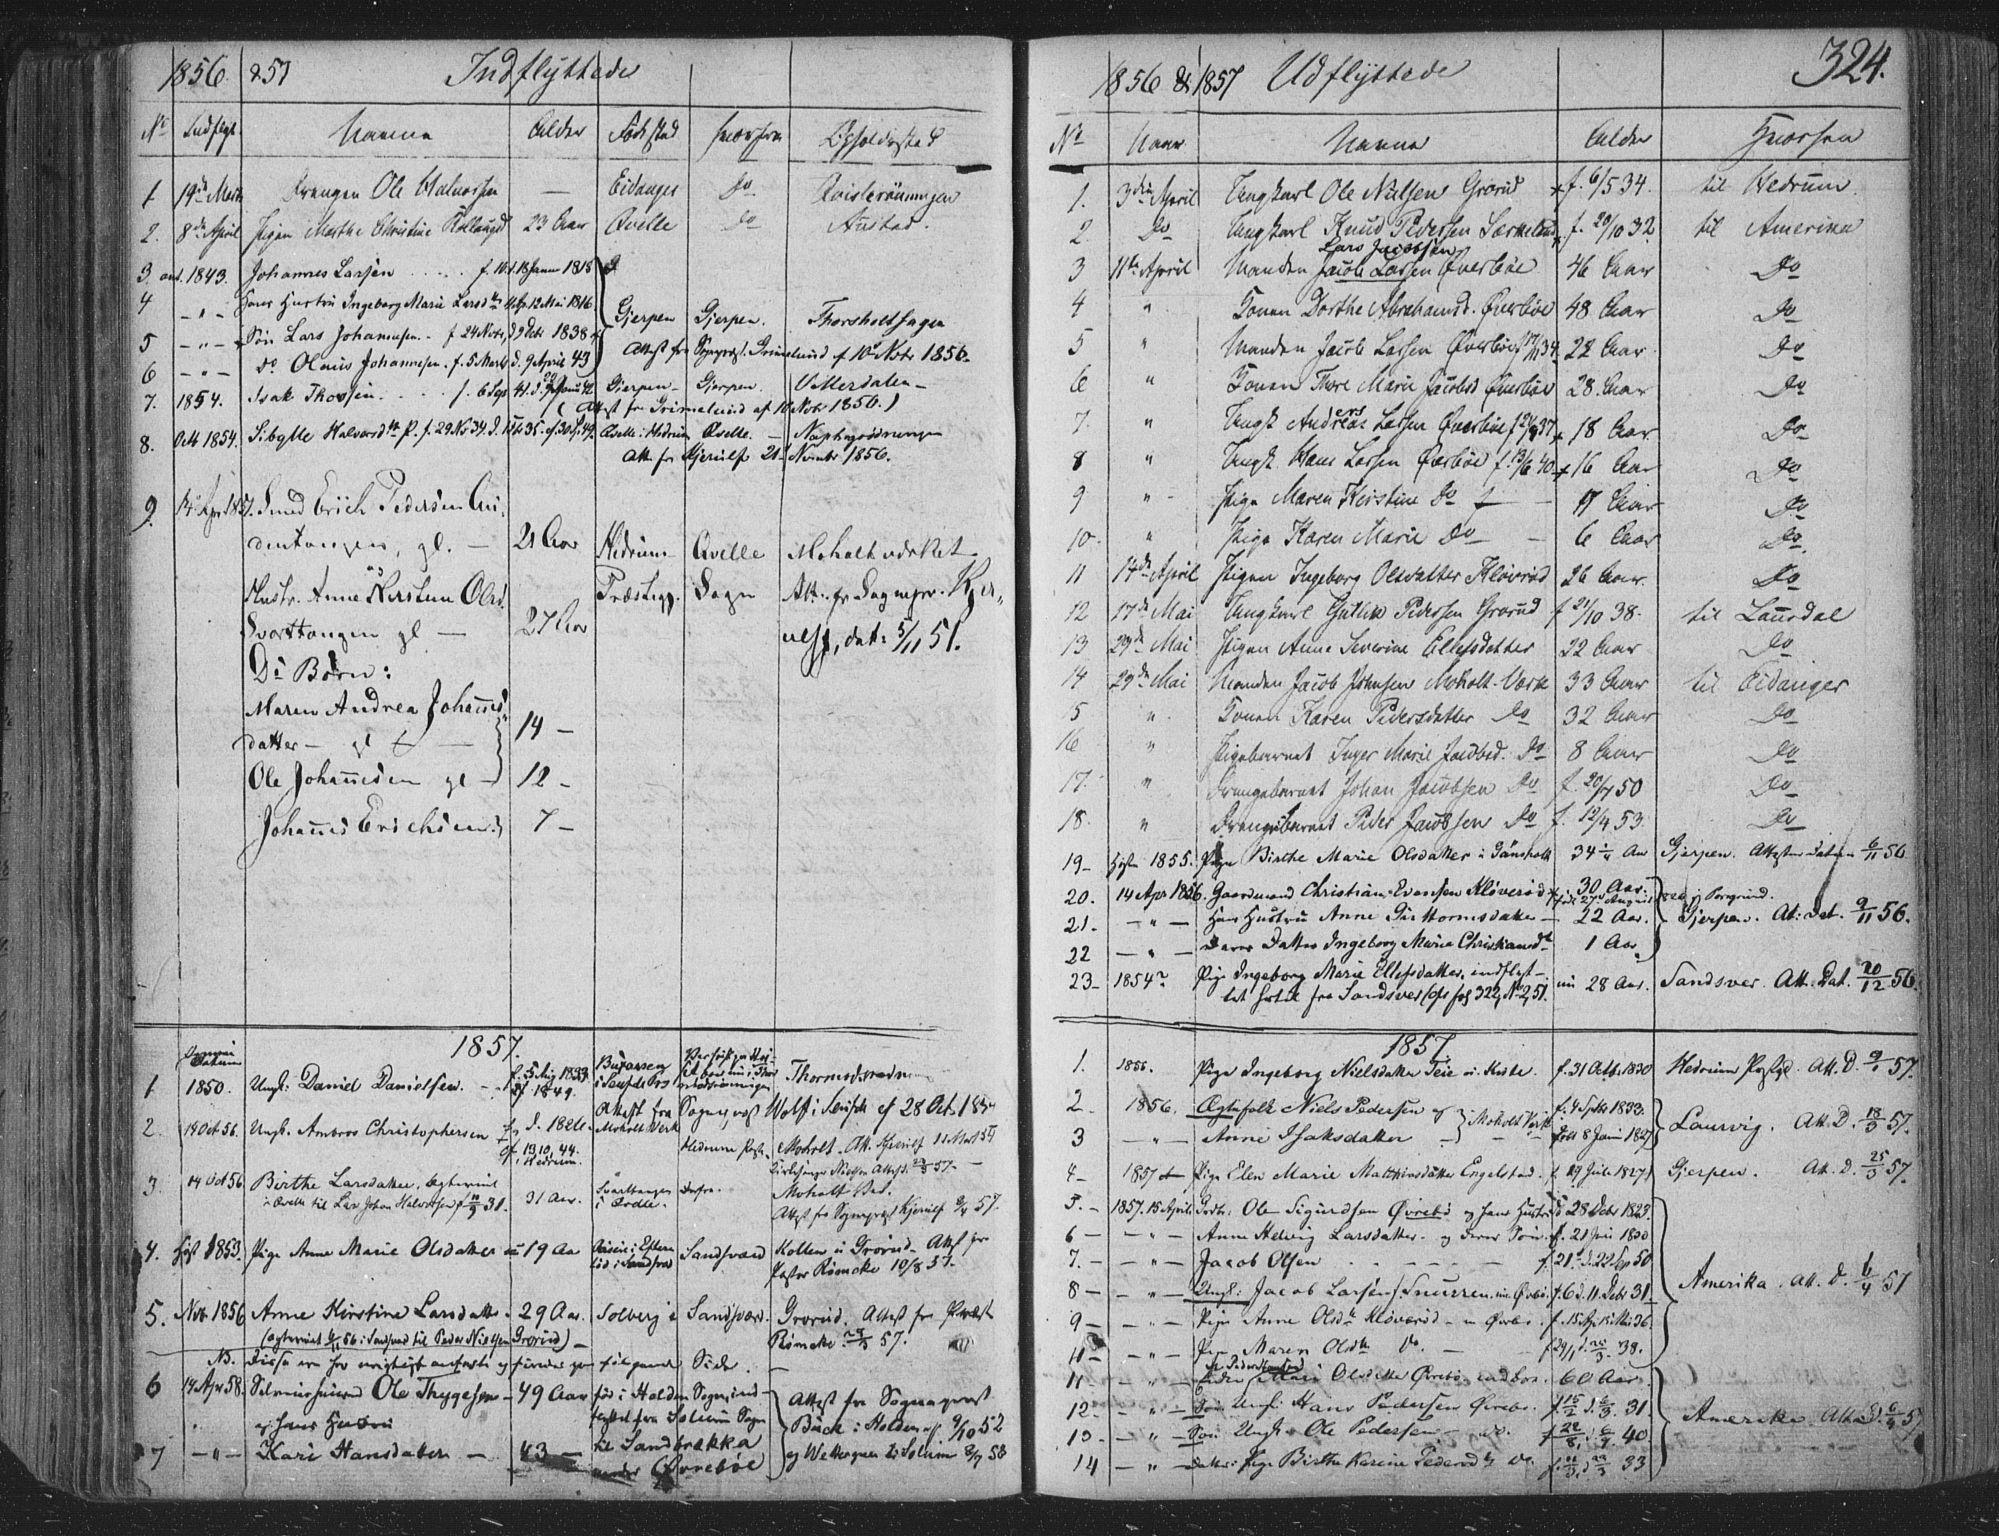 SAKO, Siljan kirkebøker, F/Fa/L0001: Ministerialbok nr. 1, 1831-1870, s. 324